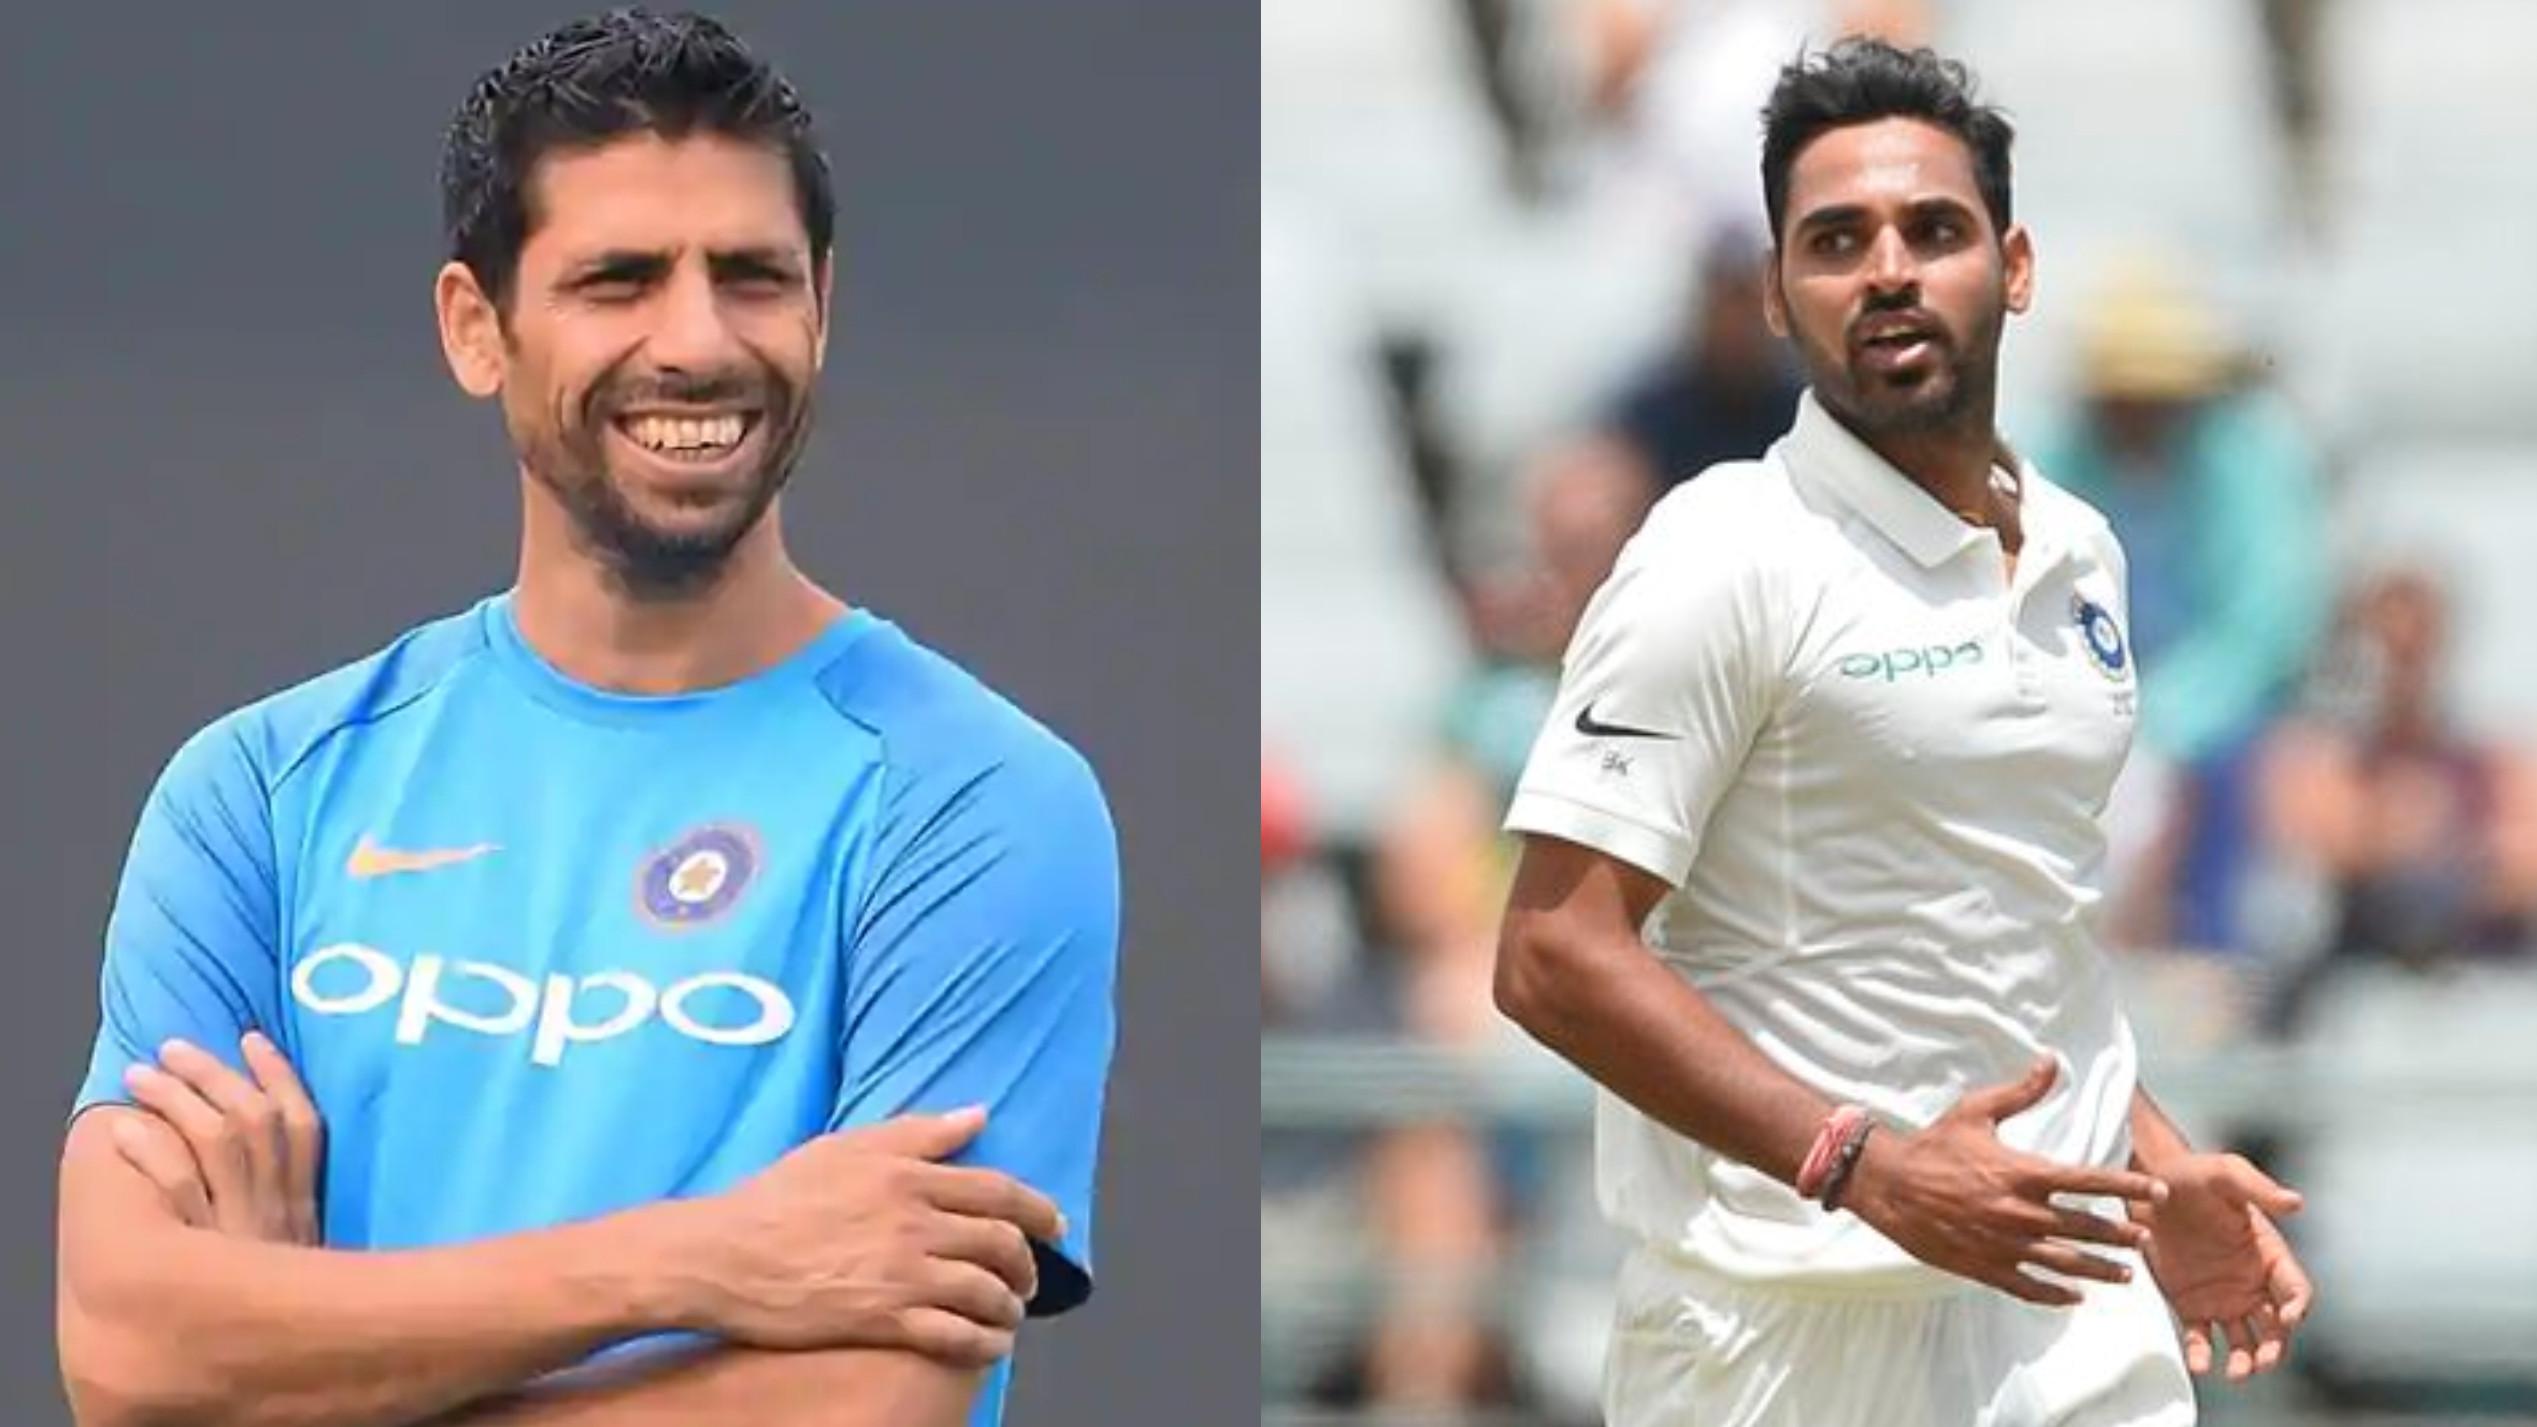 AUS v IND 2018-19 : आशीष नेहरा के अनुसार पहले टेस्ट के लिए भुवनेश्वर कुमार को टीम में शामिल नहीं किया जाना चाहिए